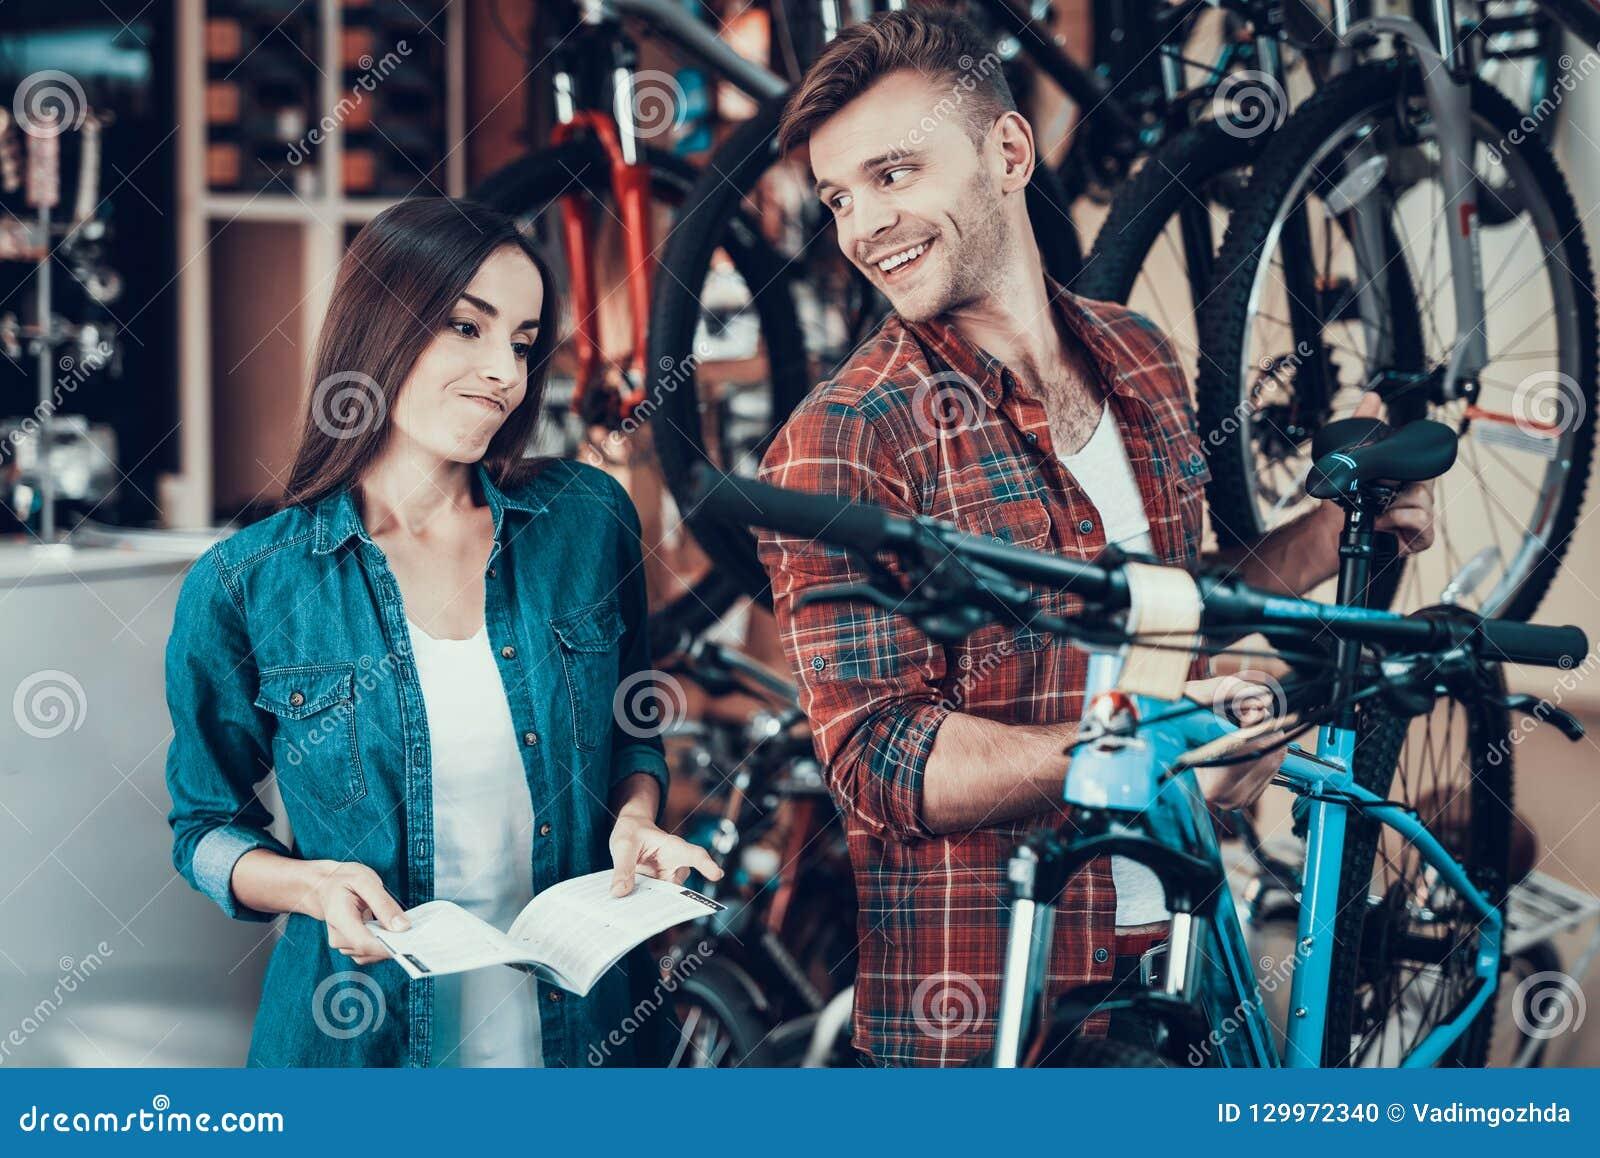 Mädchen tun nicht wie Fahrrad-Berater Choose